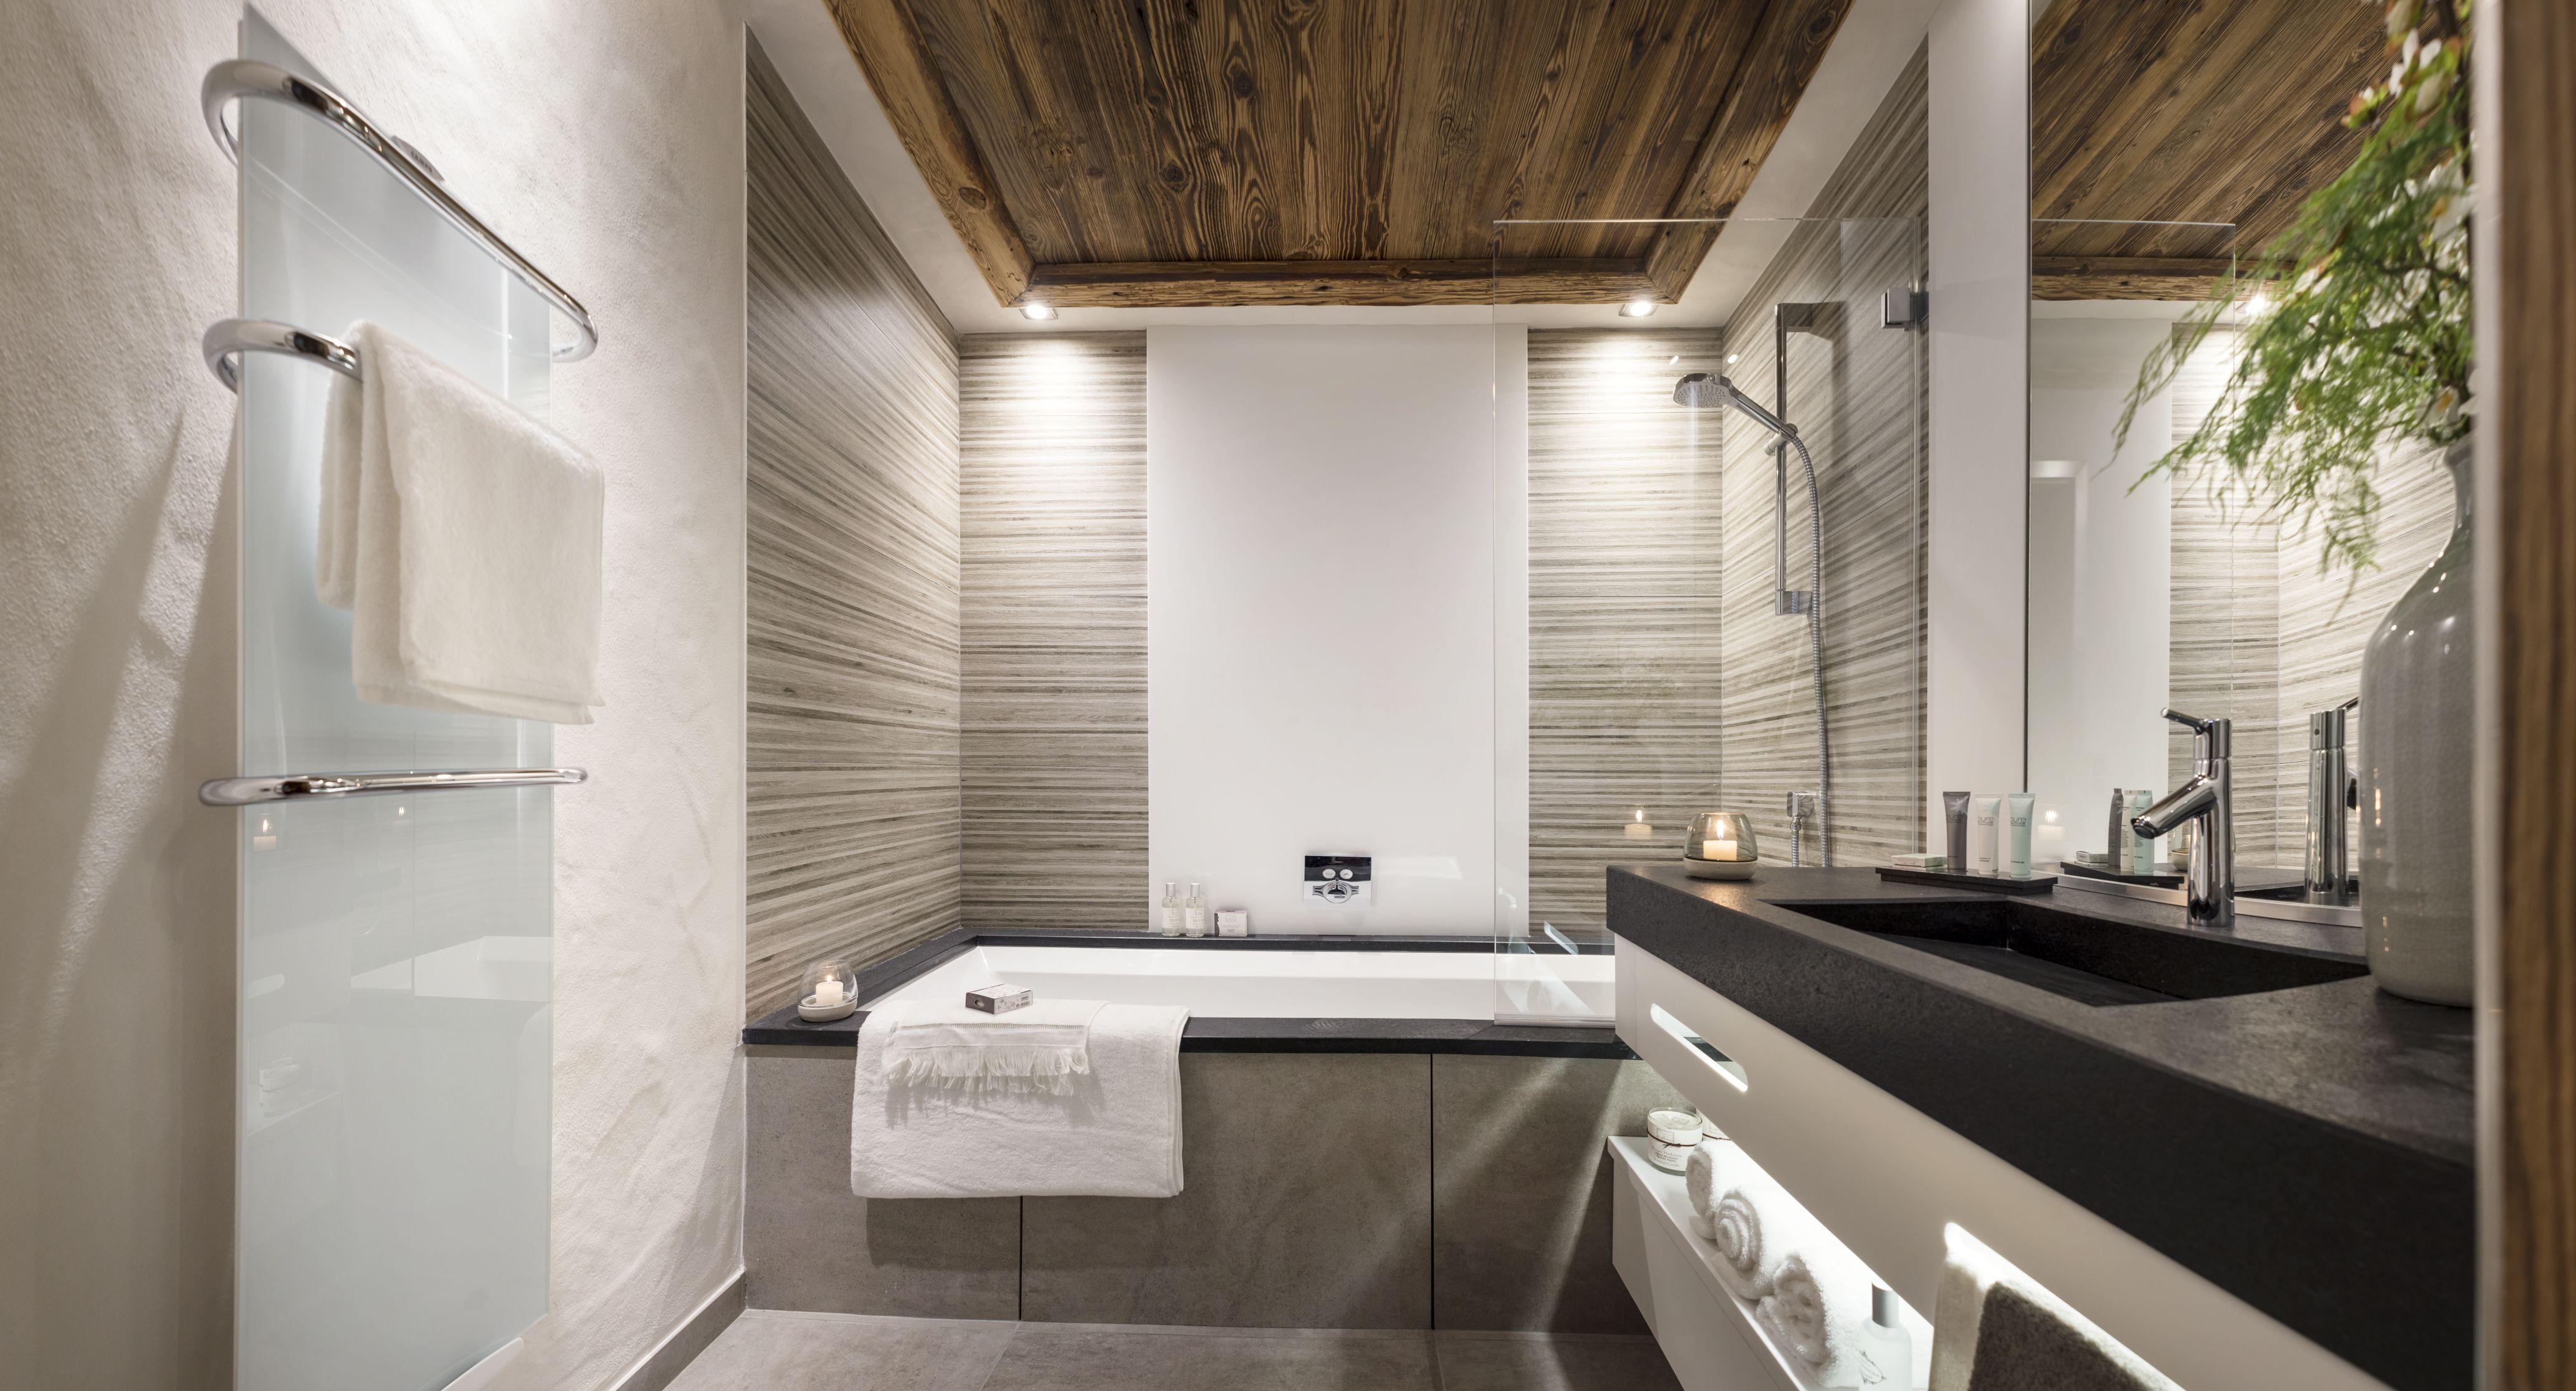 Salle de bain prestige et luxe. Décoration contemporaine ...